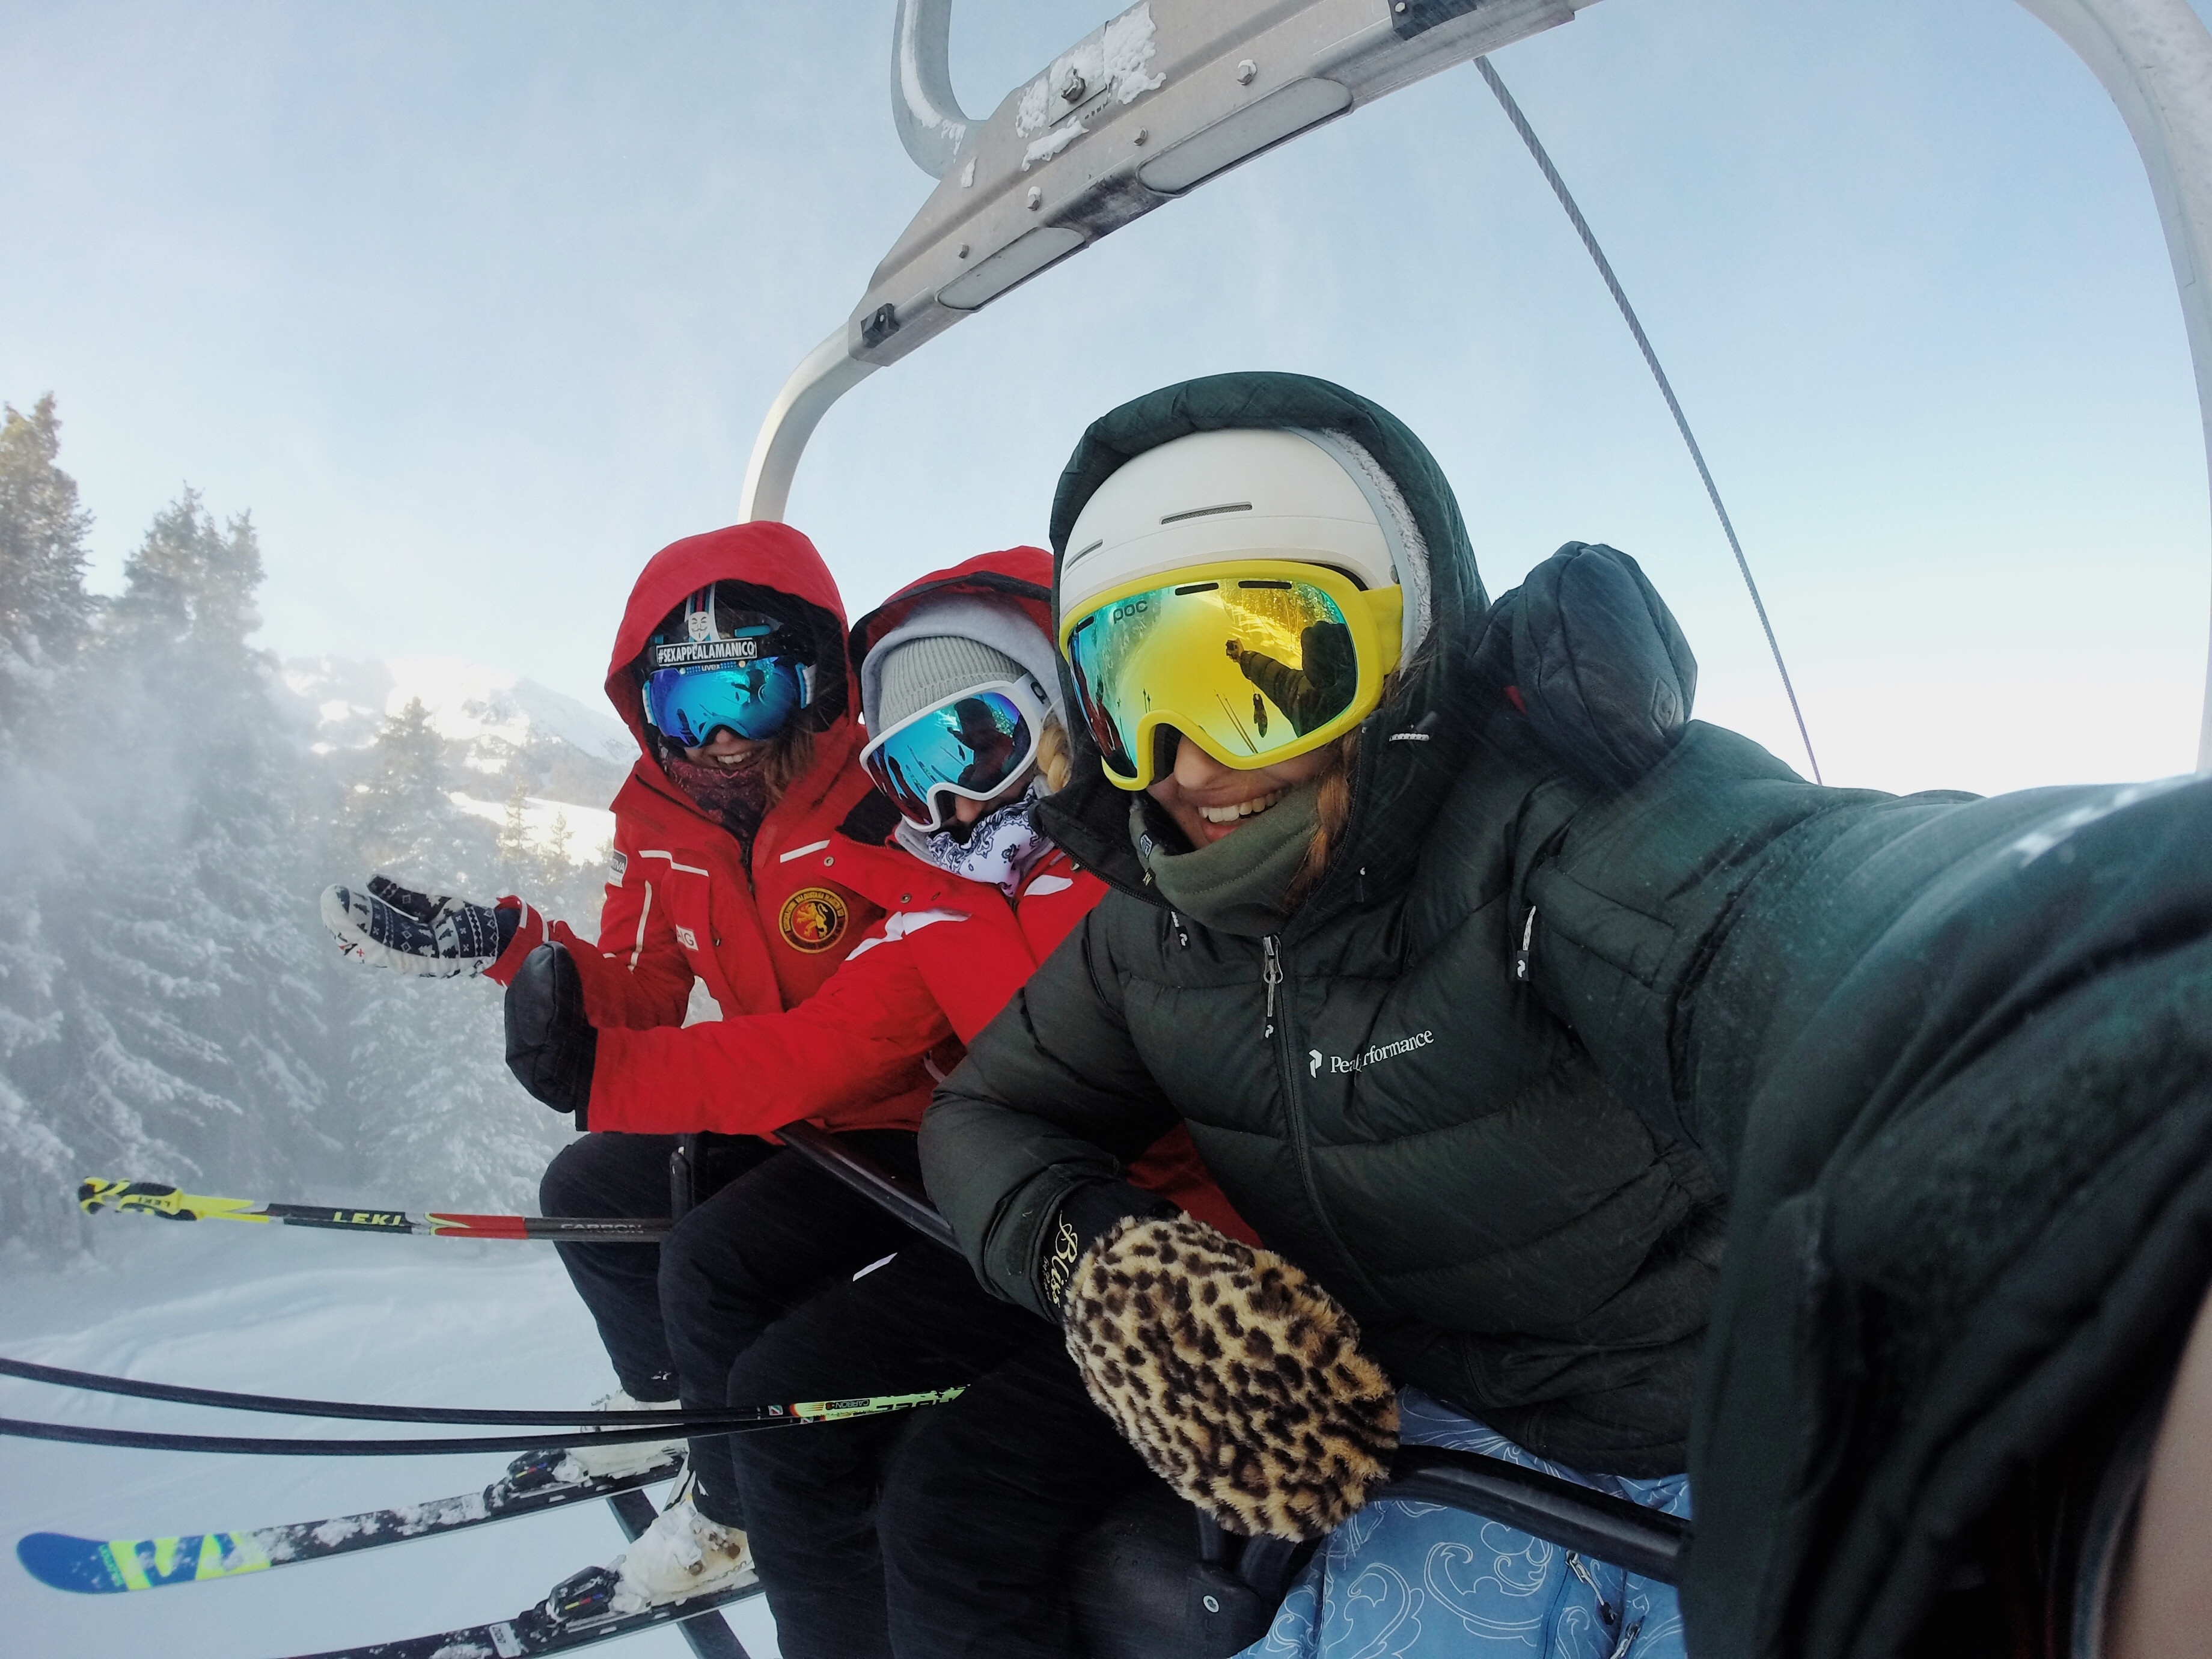 escapada con amigos esquiando